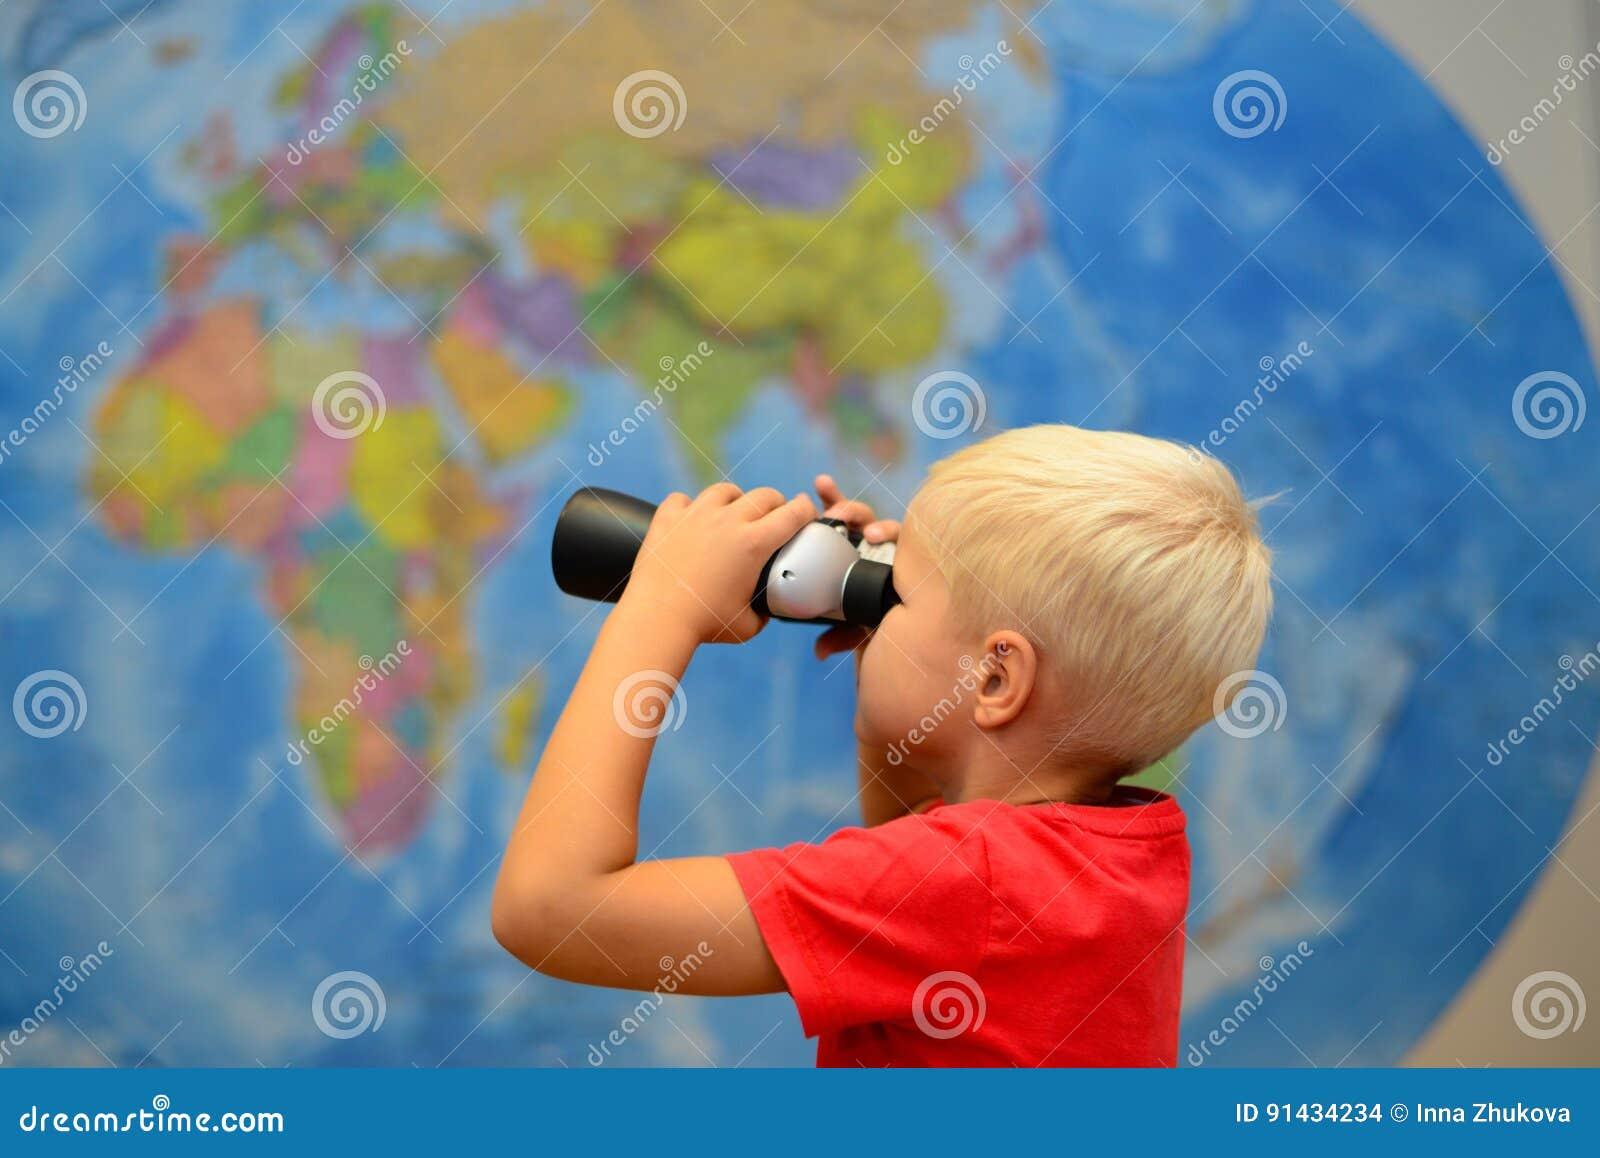 Glückliches kind mit ferngläsern träumen über das reisen reise